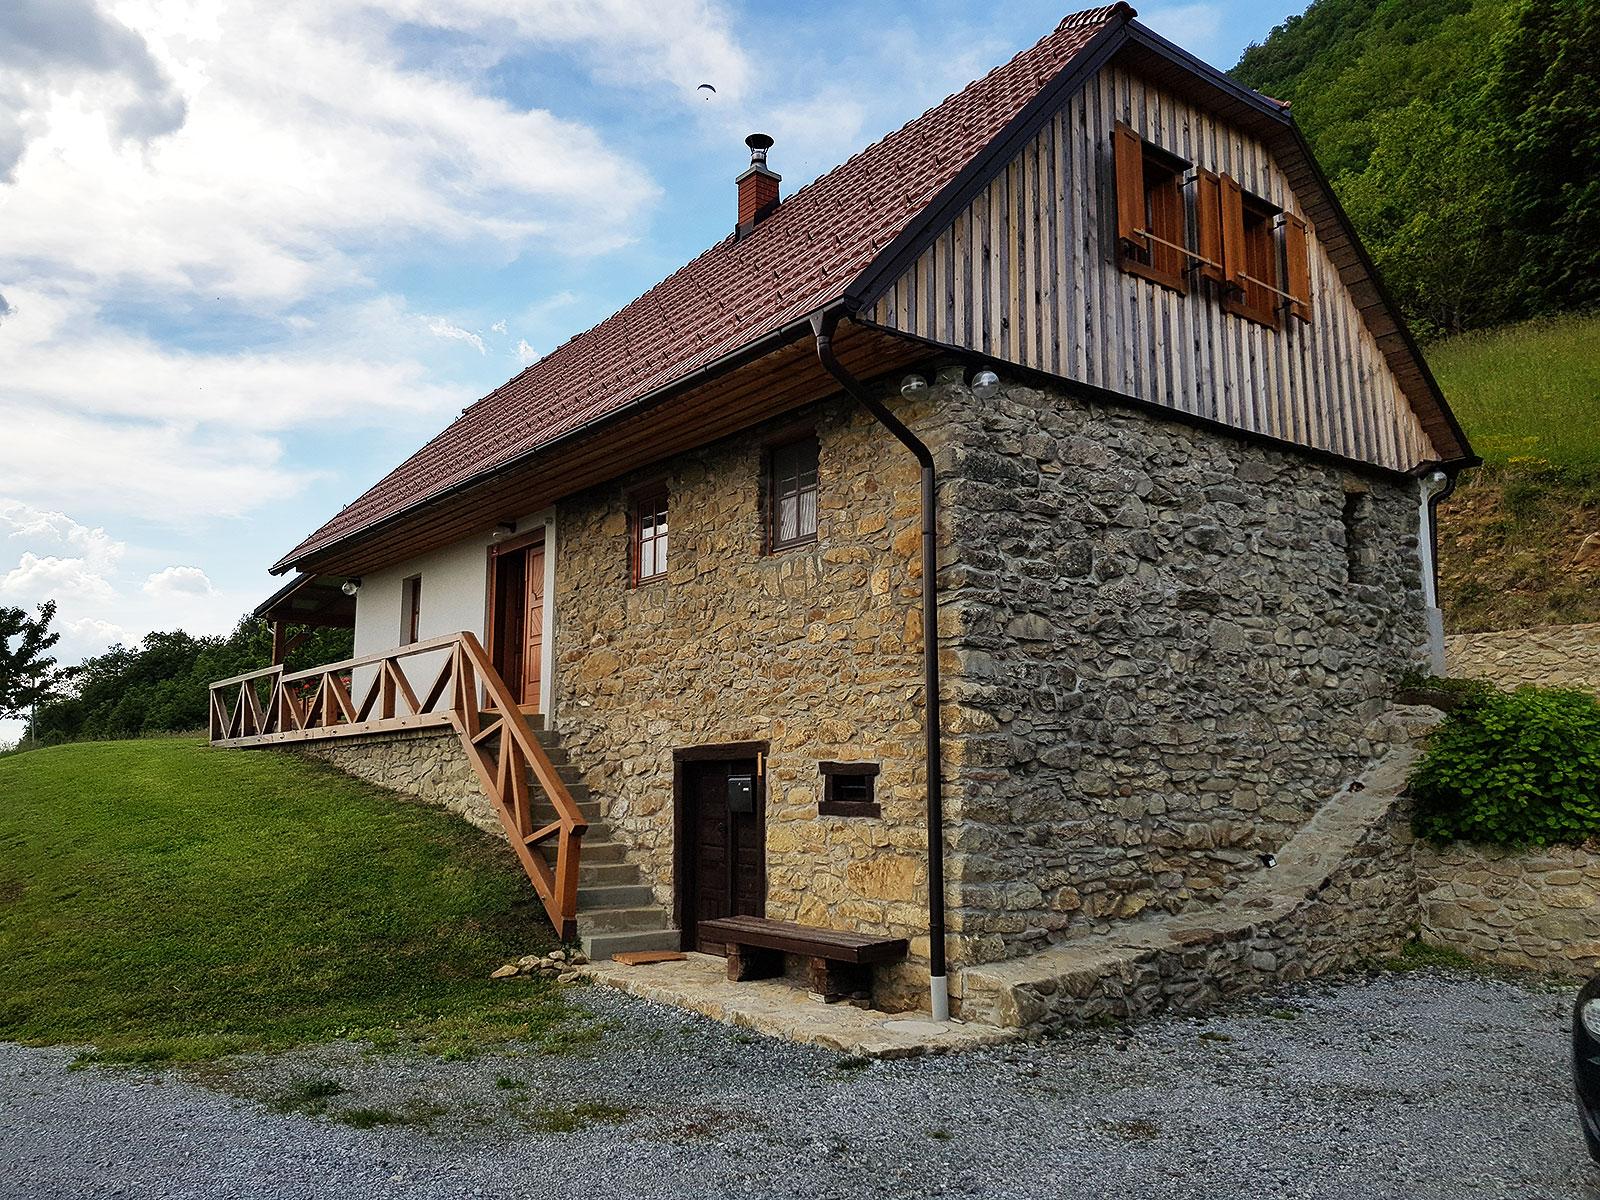 Kmetija pri svetem Donatu Donačka gora